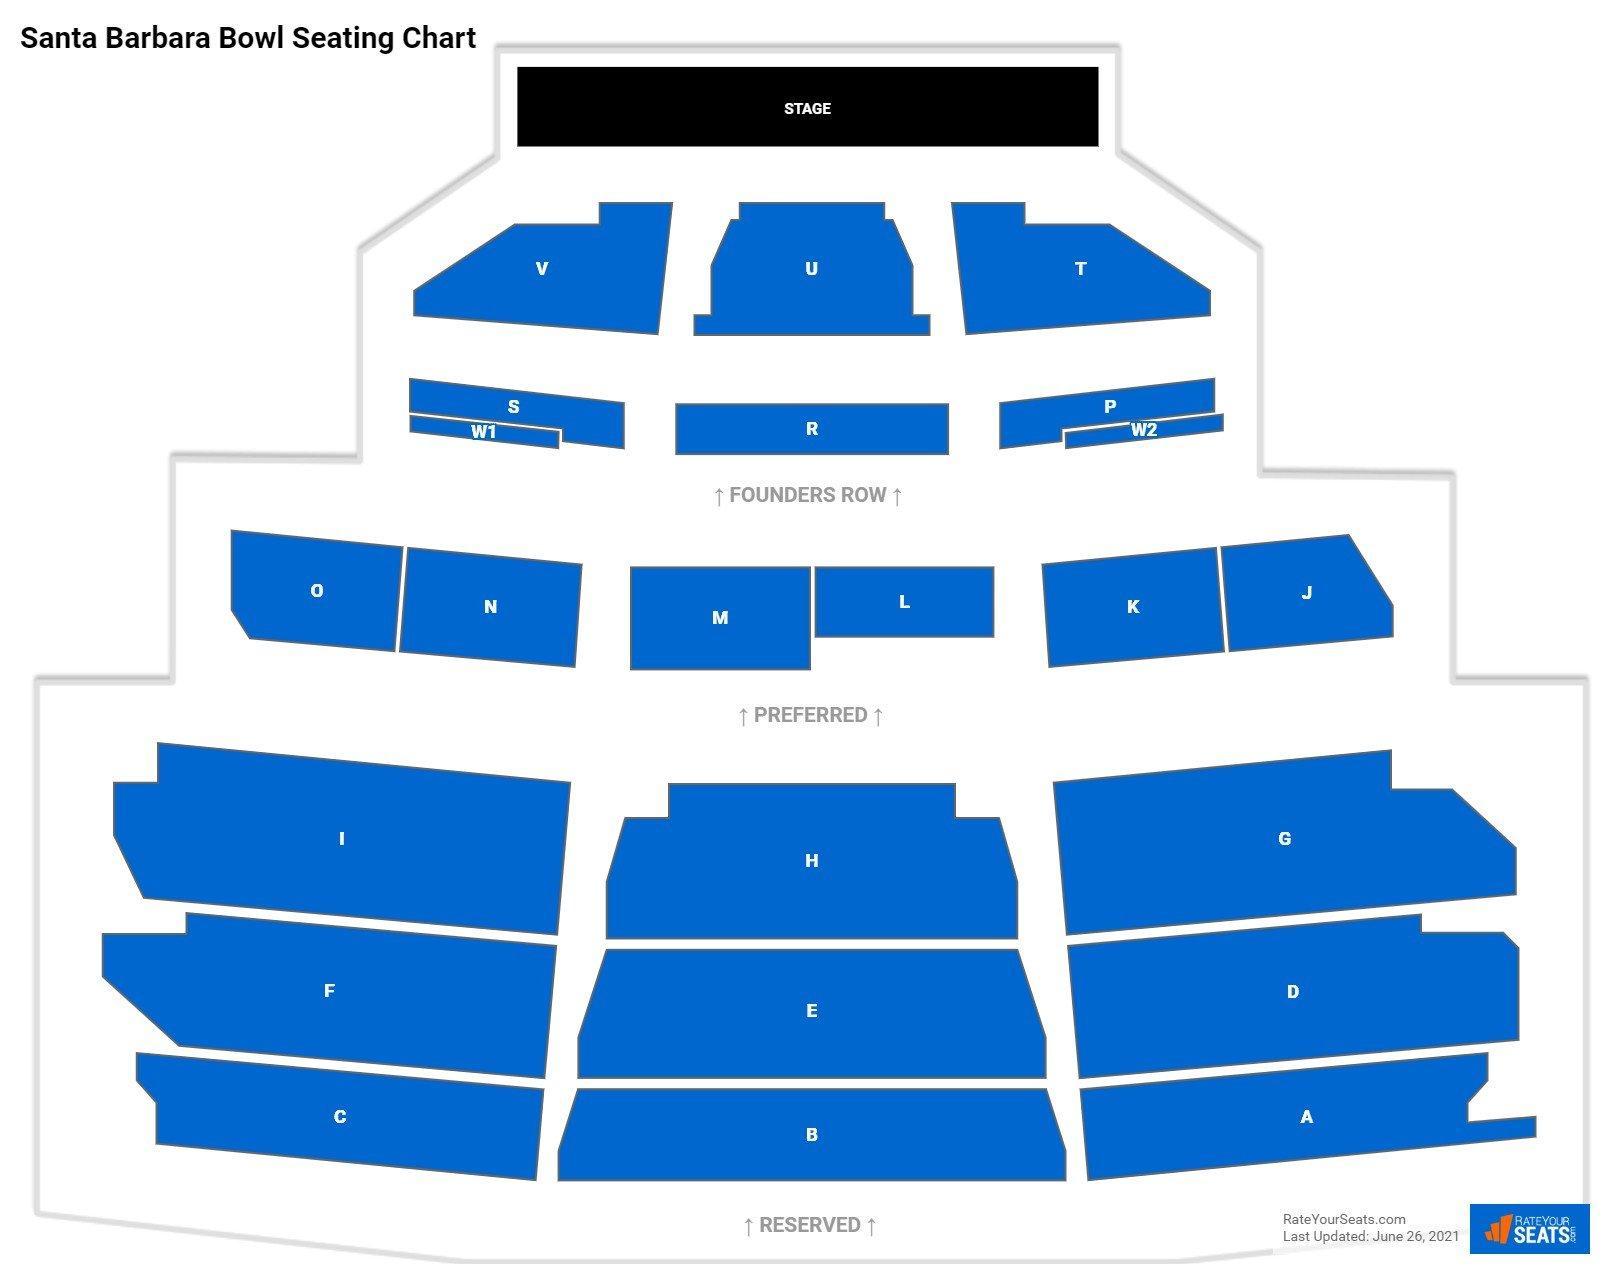 Santa Barbara Bowl Seating Chart Rateyourseats Com